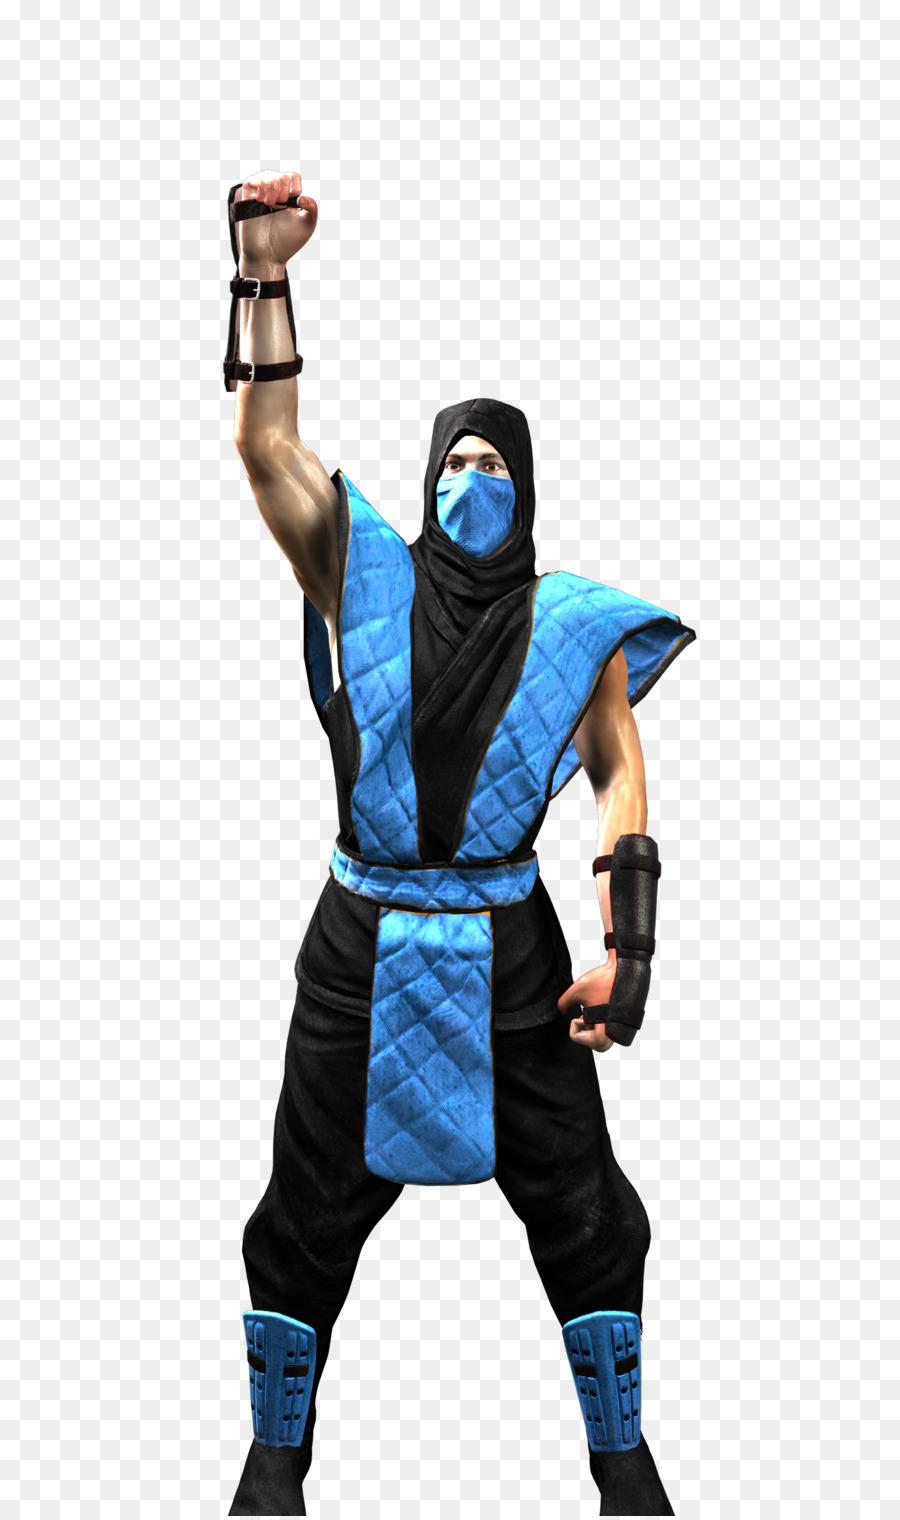 Noob Png Download 1410 2375 Free Transparent Mortal Kombat Png